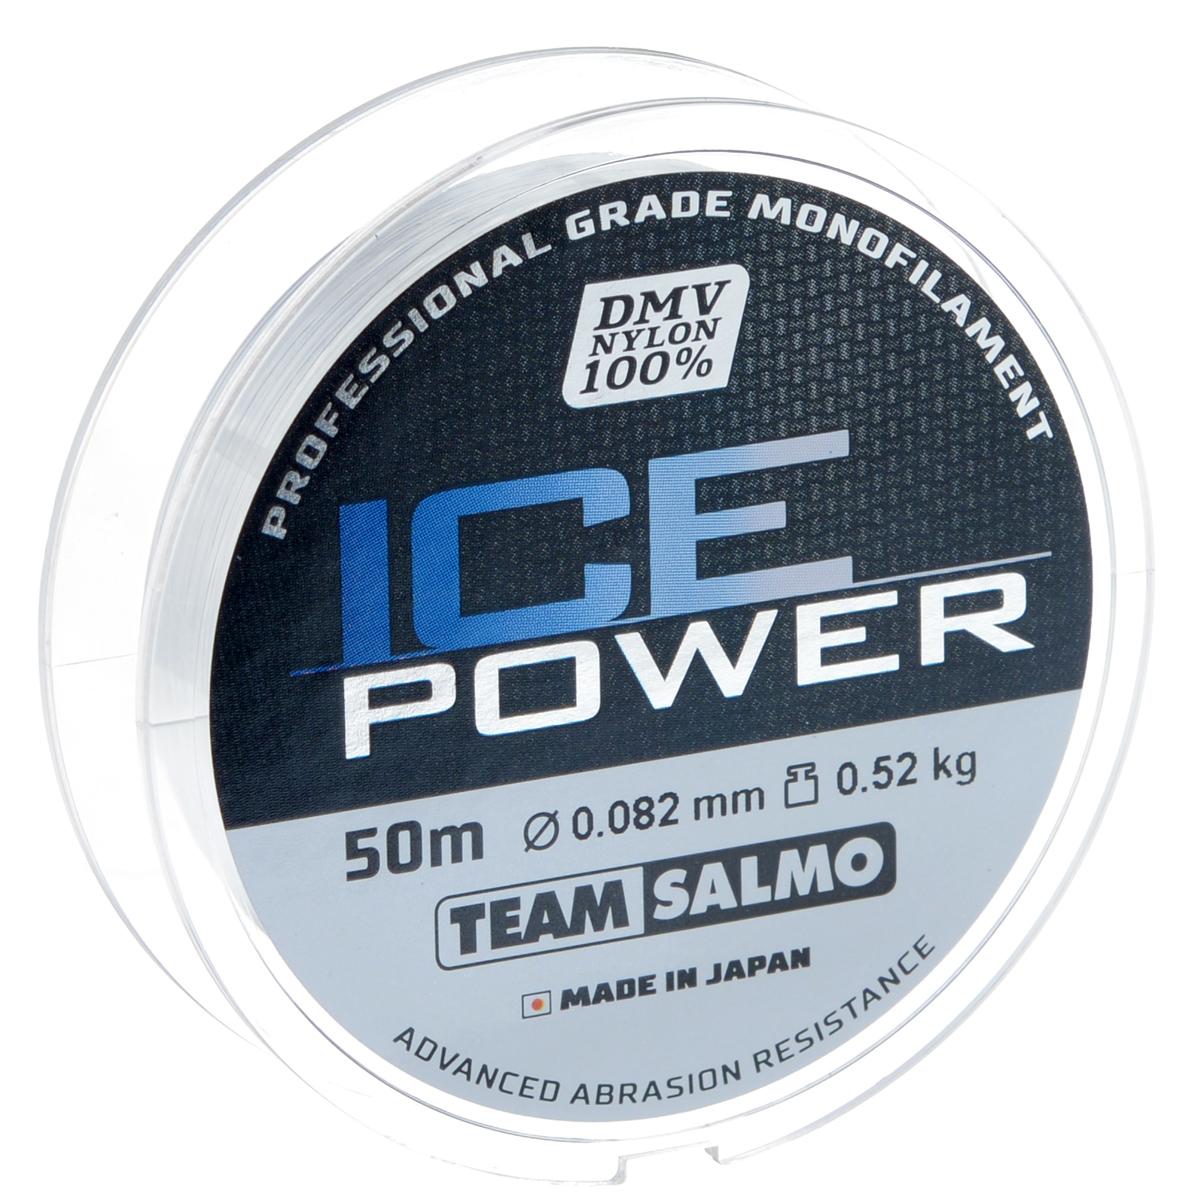 Леска монофильная Team Salmo Ice Power, сечение 0,082 мм, длина 50 мTS4924-008Team Salmo Ice Power - это леска последнего поколения, идеально калиброванная по всей длине, с точностью, определяемой до третьего знака. Материал, из которого изготовлена леска, обладает повышенной абразивной устойчивостью и не взаимодействует с водой, поэтому на морозе не теряет своих физических свойств, что значительно увеличивает срок ее службы. У лески отсутствует память, поэтому в процессе эксплуатации она не деформируется. Низкий коэффициент растяжимости делает леску максимально чувствительной, при этом она практически незаметна для рыбы. Леска производится использованием самого высококачественного сырья и новейших технологий.